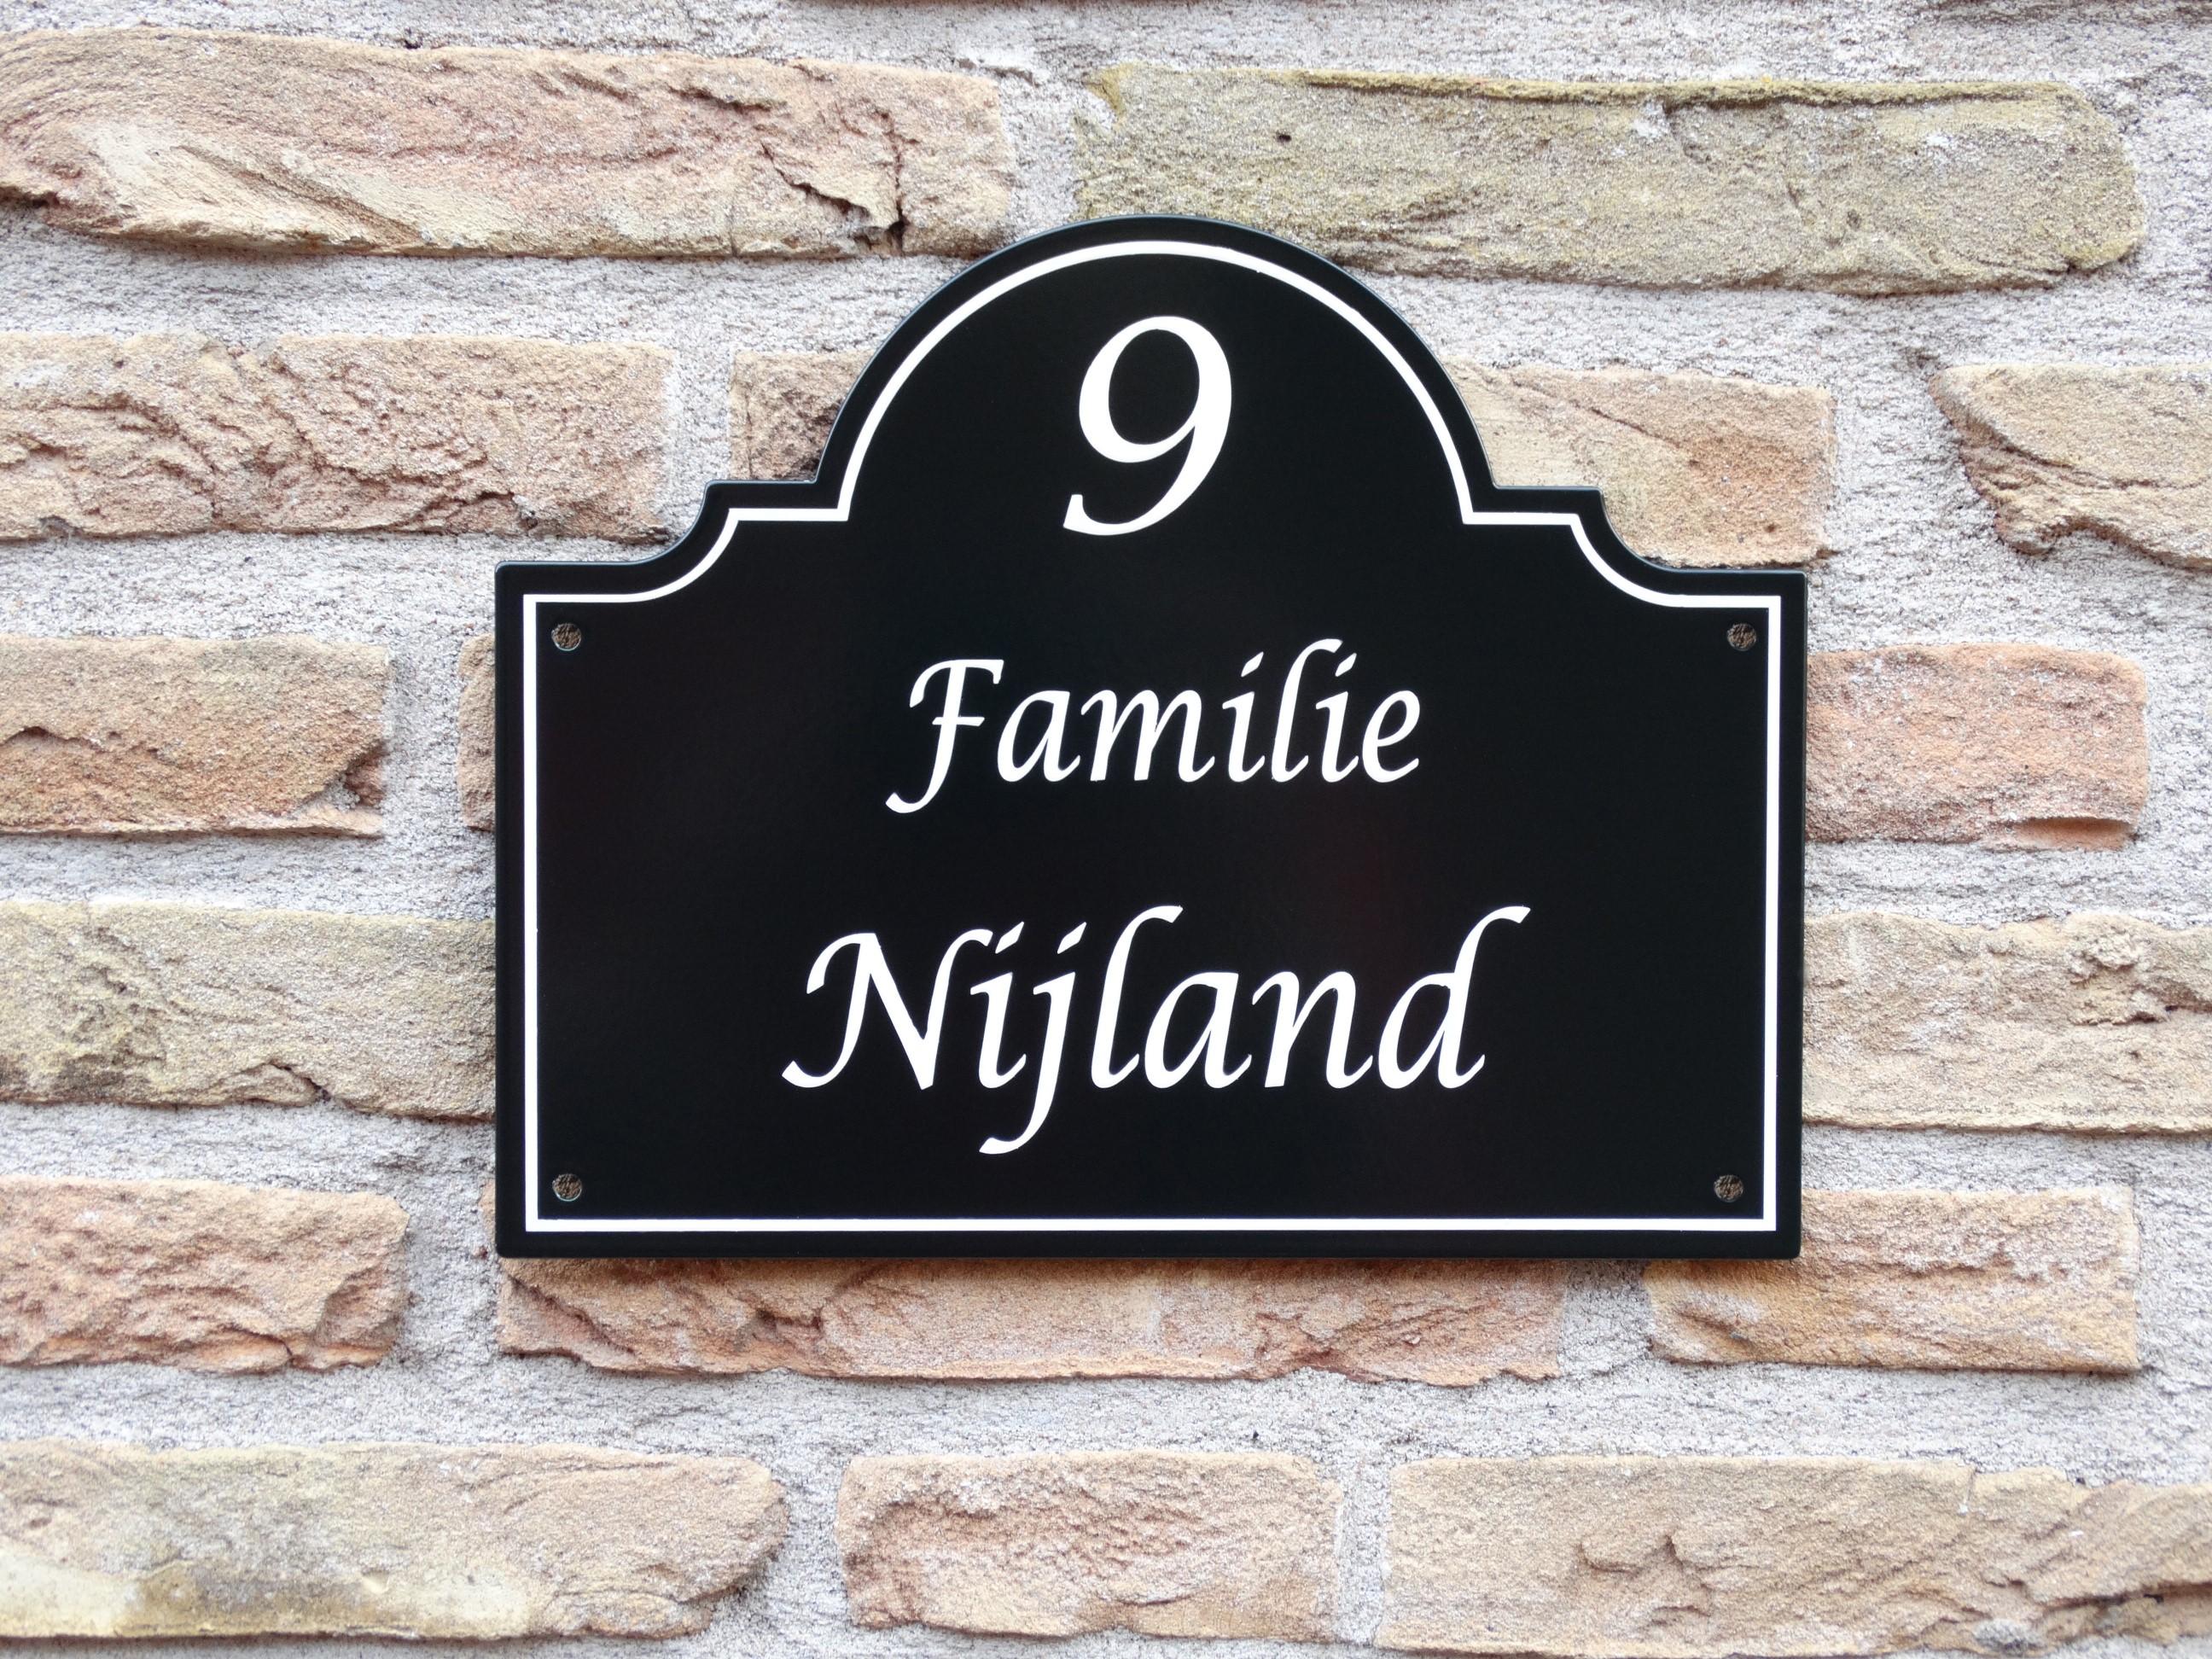 Naambord Voordeur Landelijk : Naambord origineel landelijke stijl naamplaatje voordeur